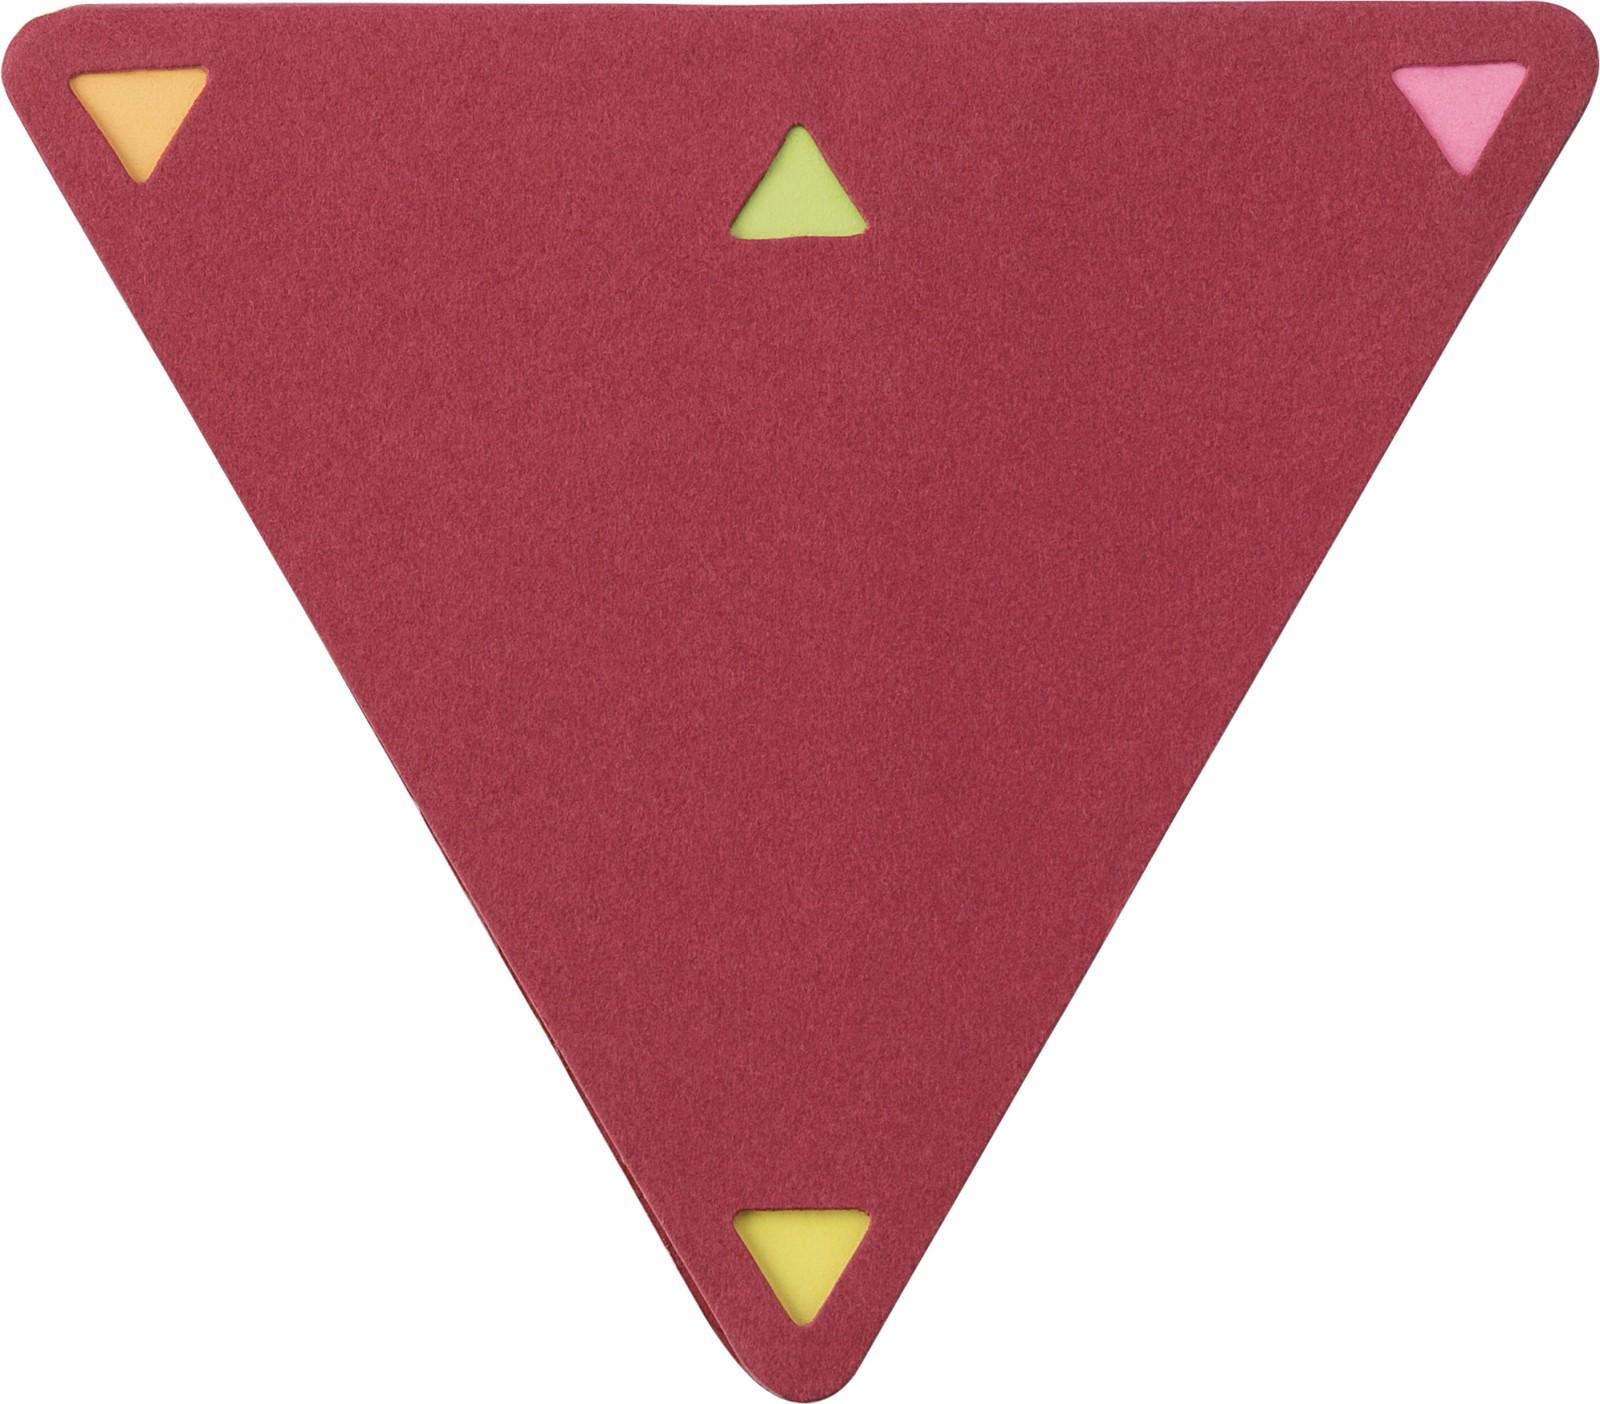 Soporte de papel y notas adhesivas - Red